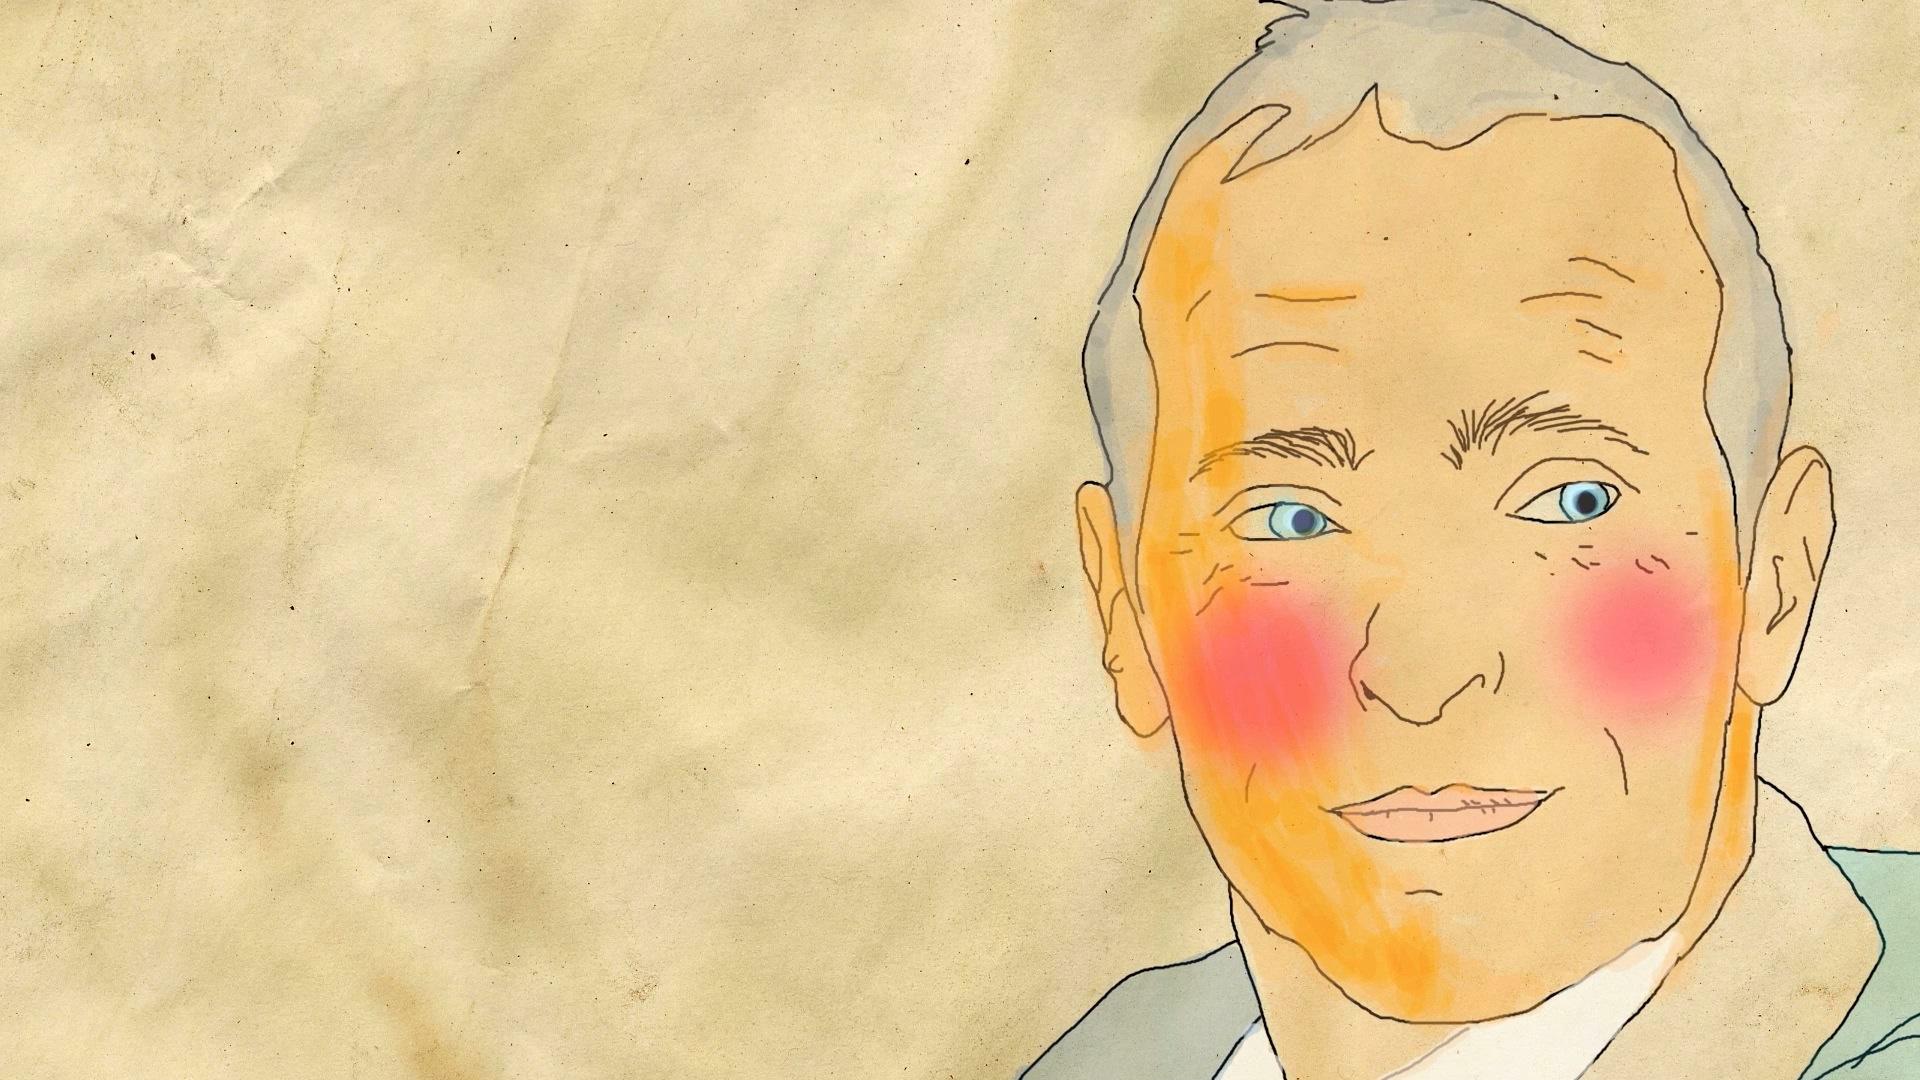 A little morality tale from David Sedaris